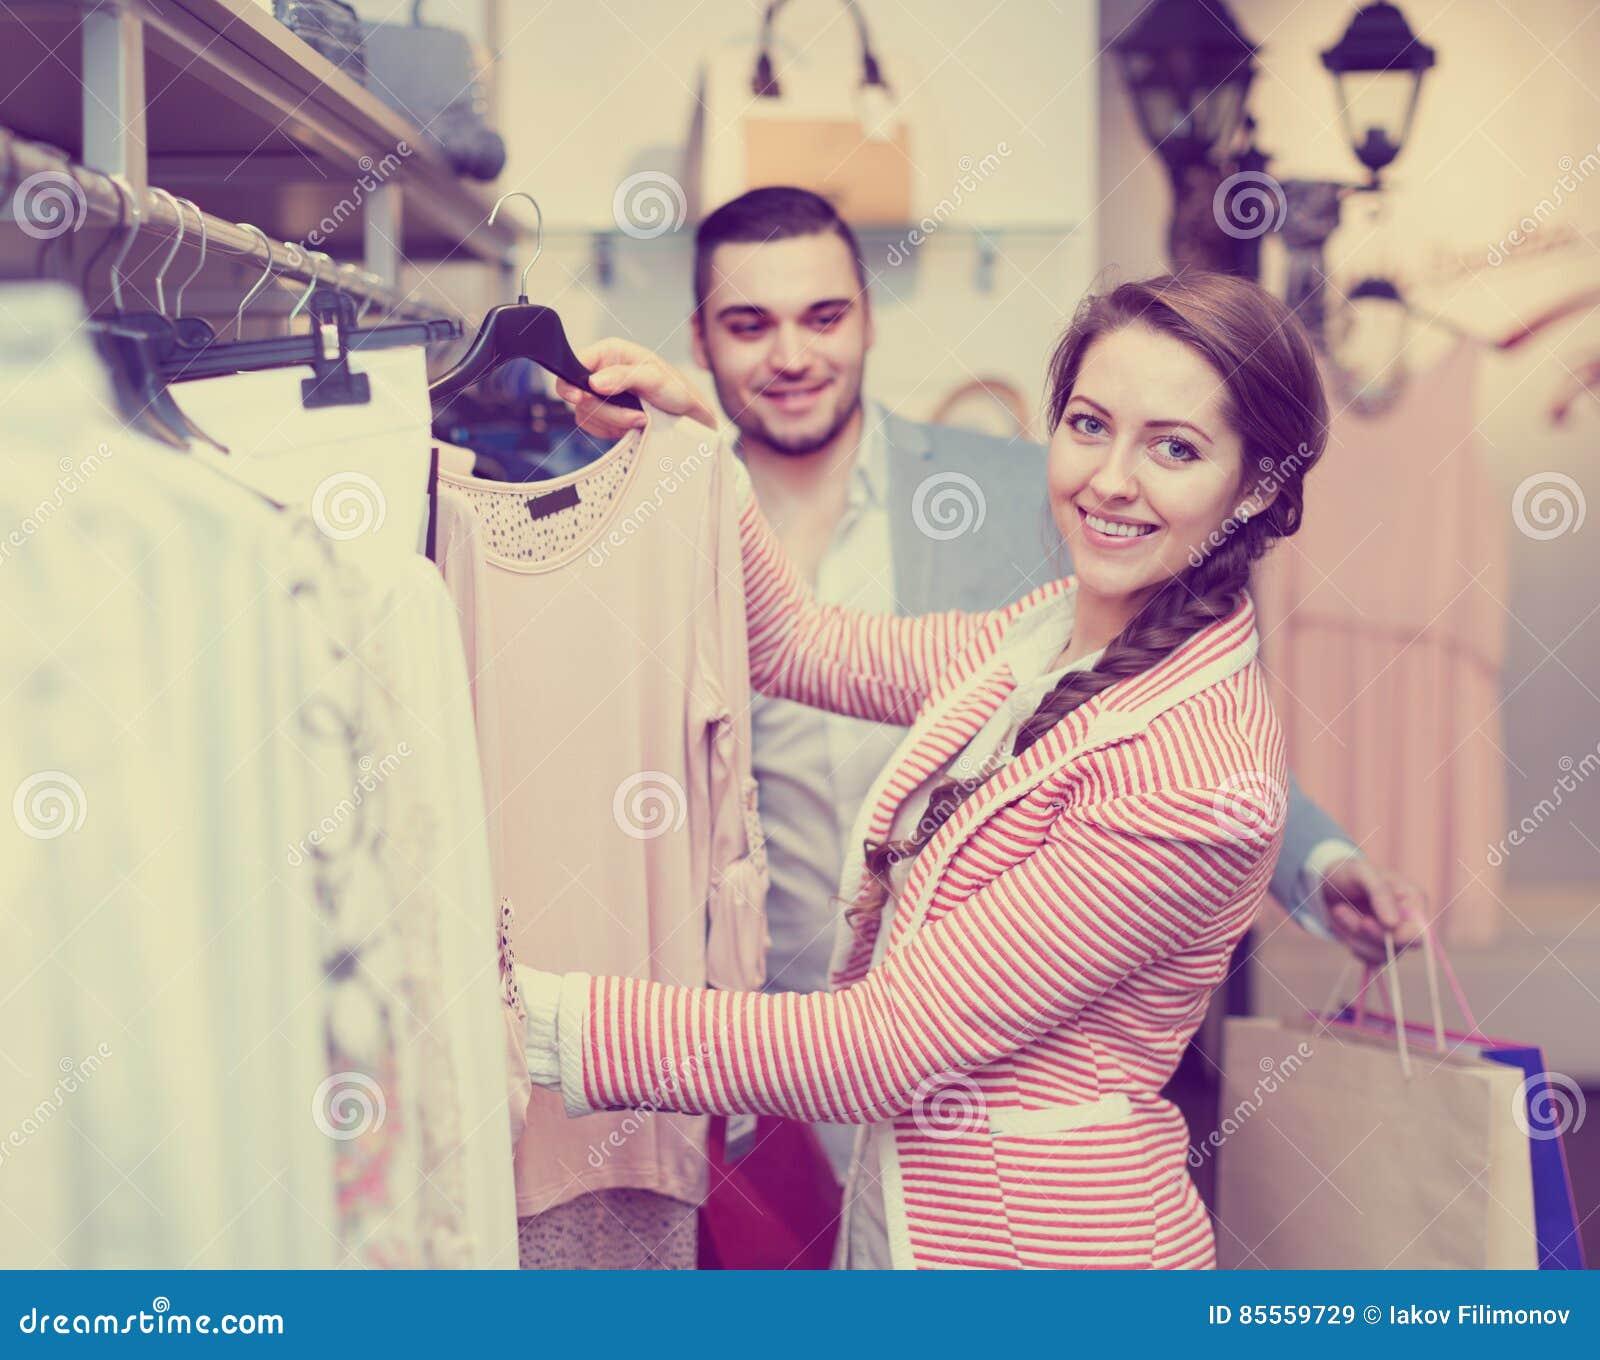 Helfende Frau des Ehemanns, zum von Kleidung zu wählen